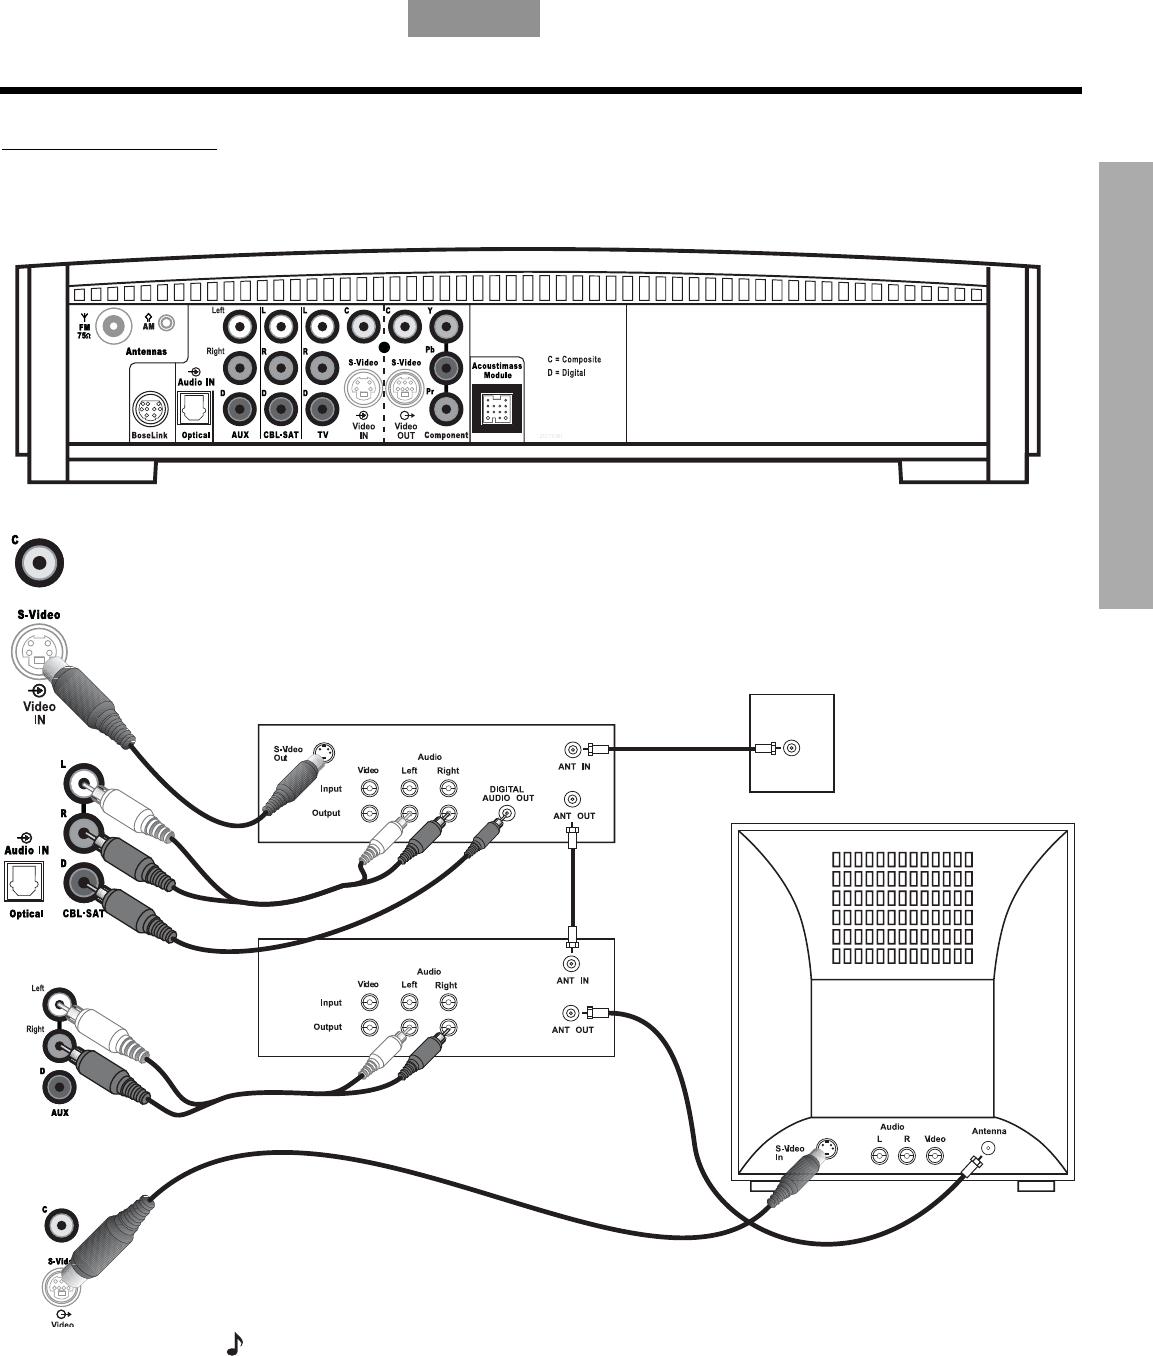 Handleiding Bose 3 2 1 Series Ii Pagina 21 Van 84